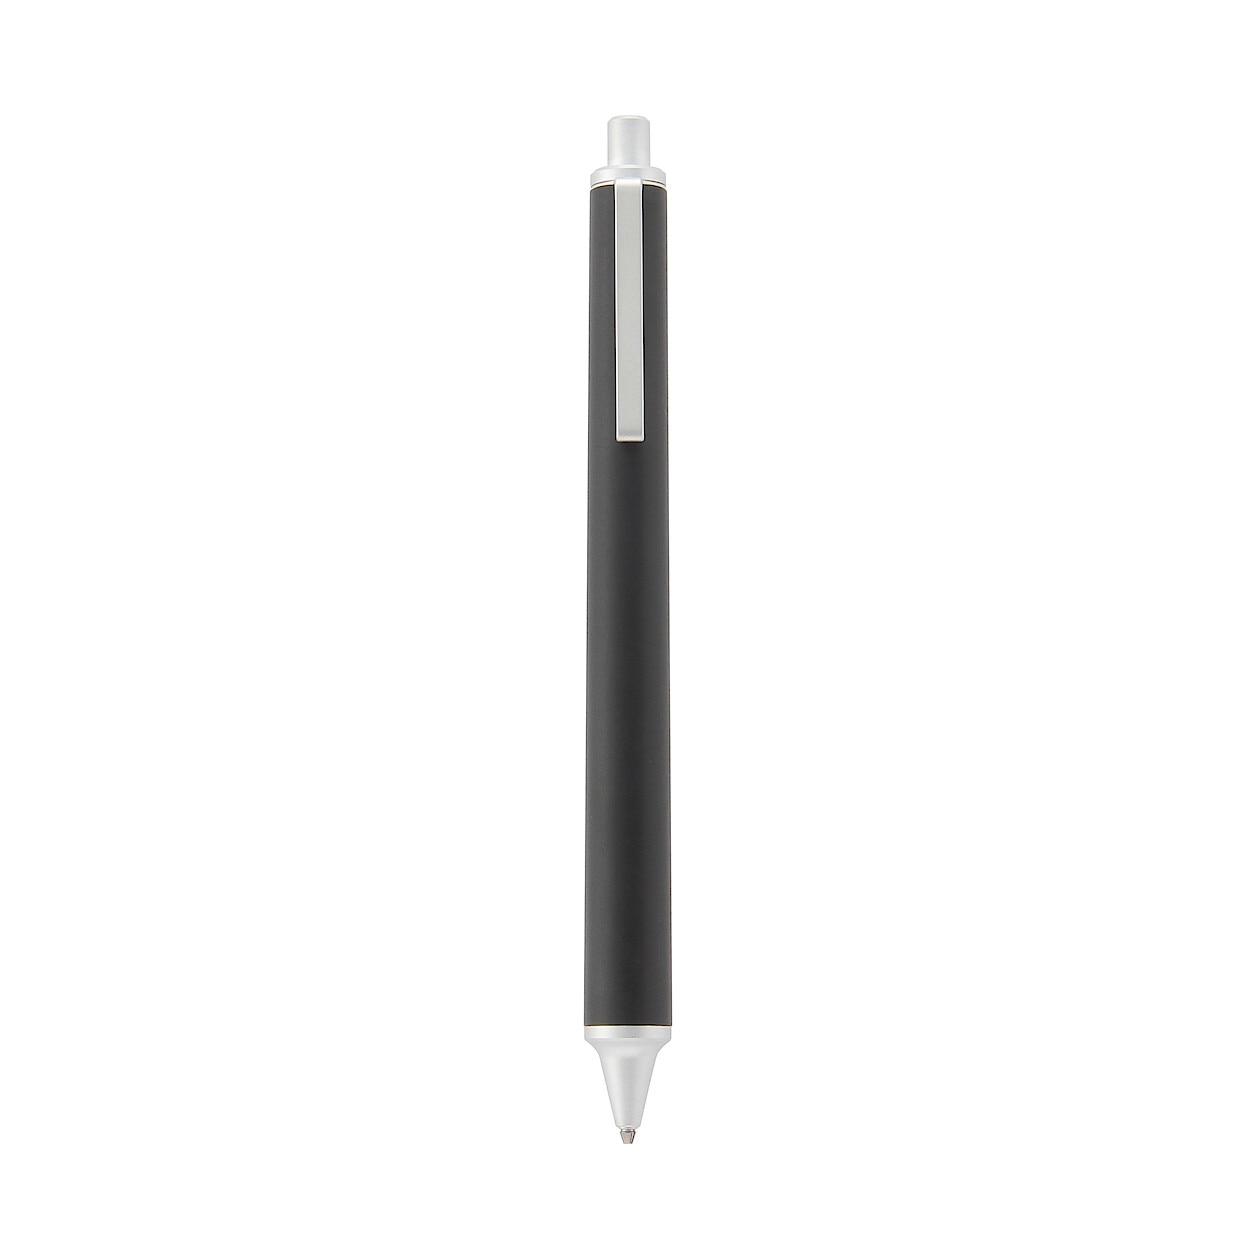 ABS樹脂最後の1mmまで書けるシャープペン